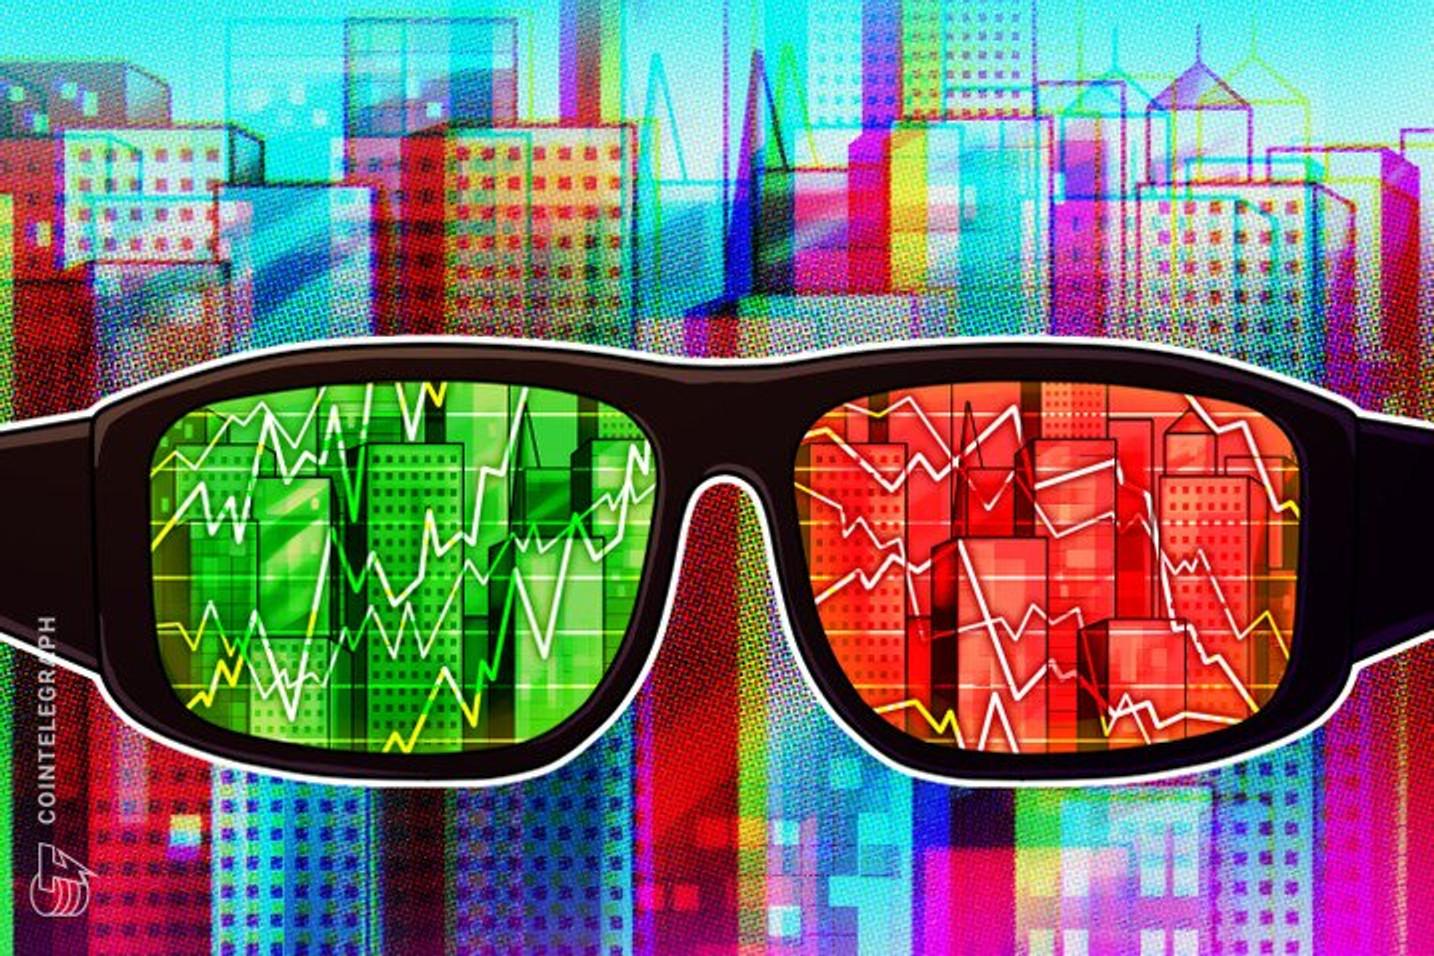 'A queda atual no mercado é irracional, quanto mais ele cai mais nos compramos' diz investidor